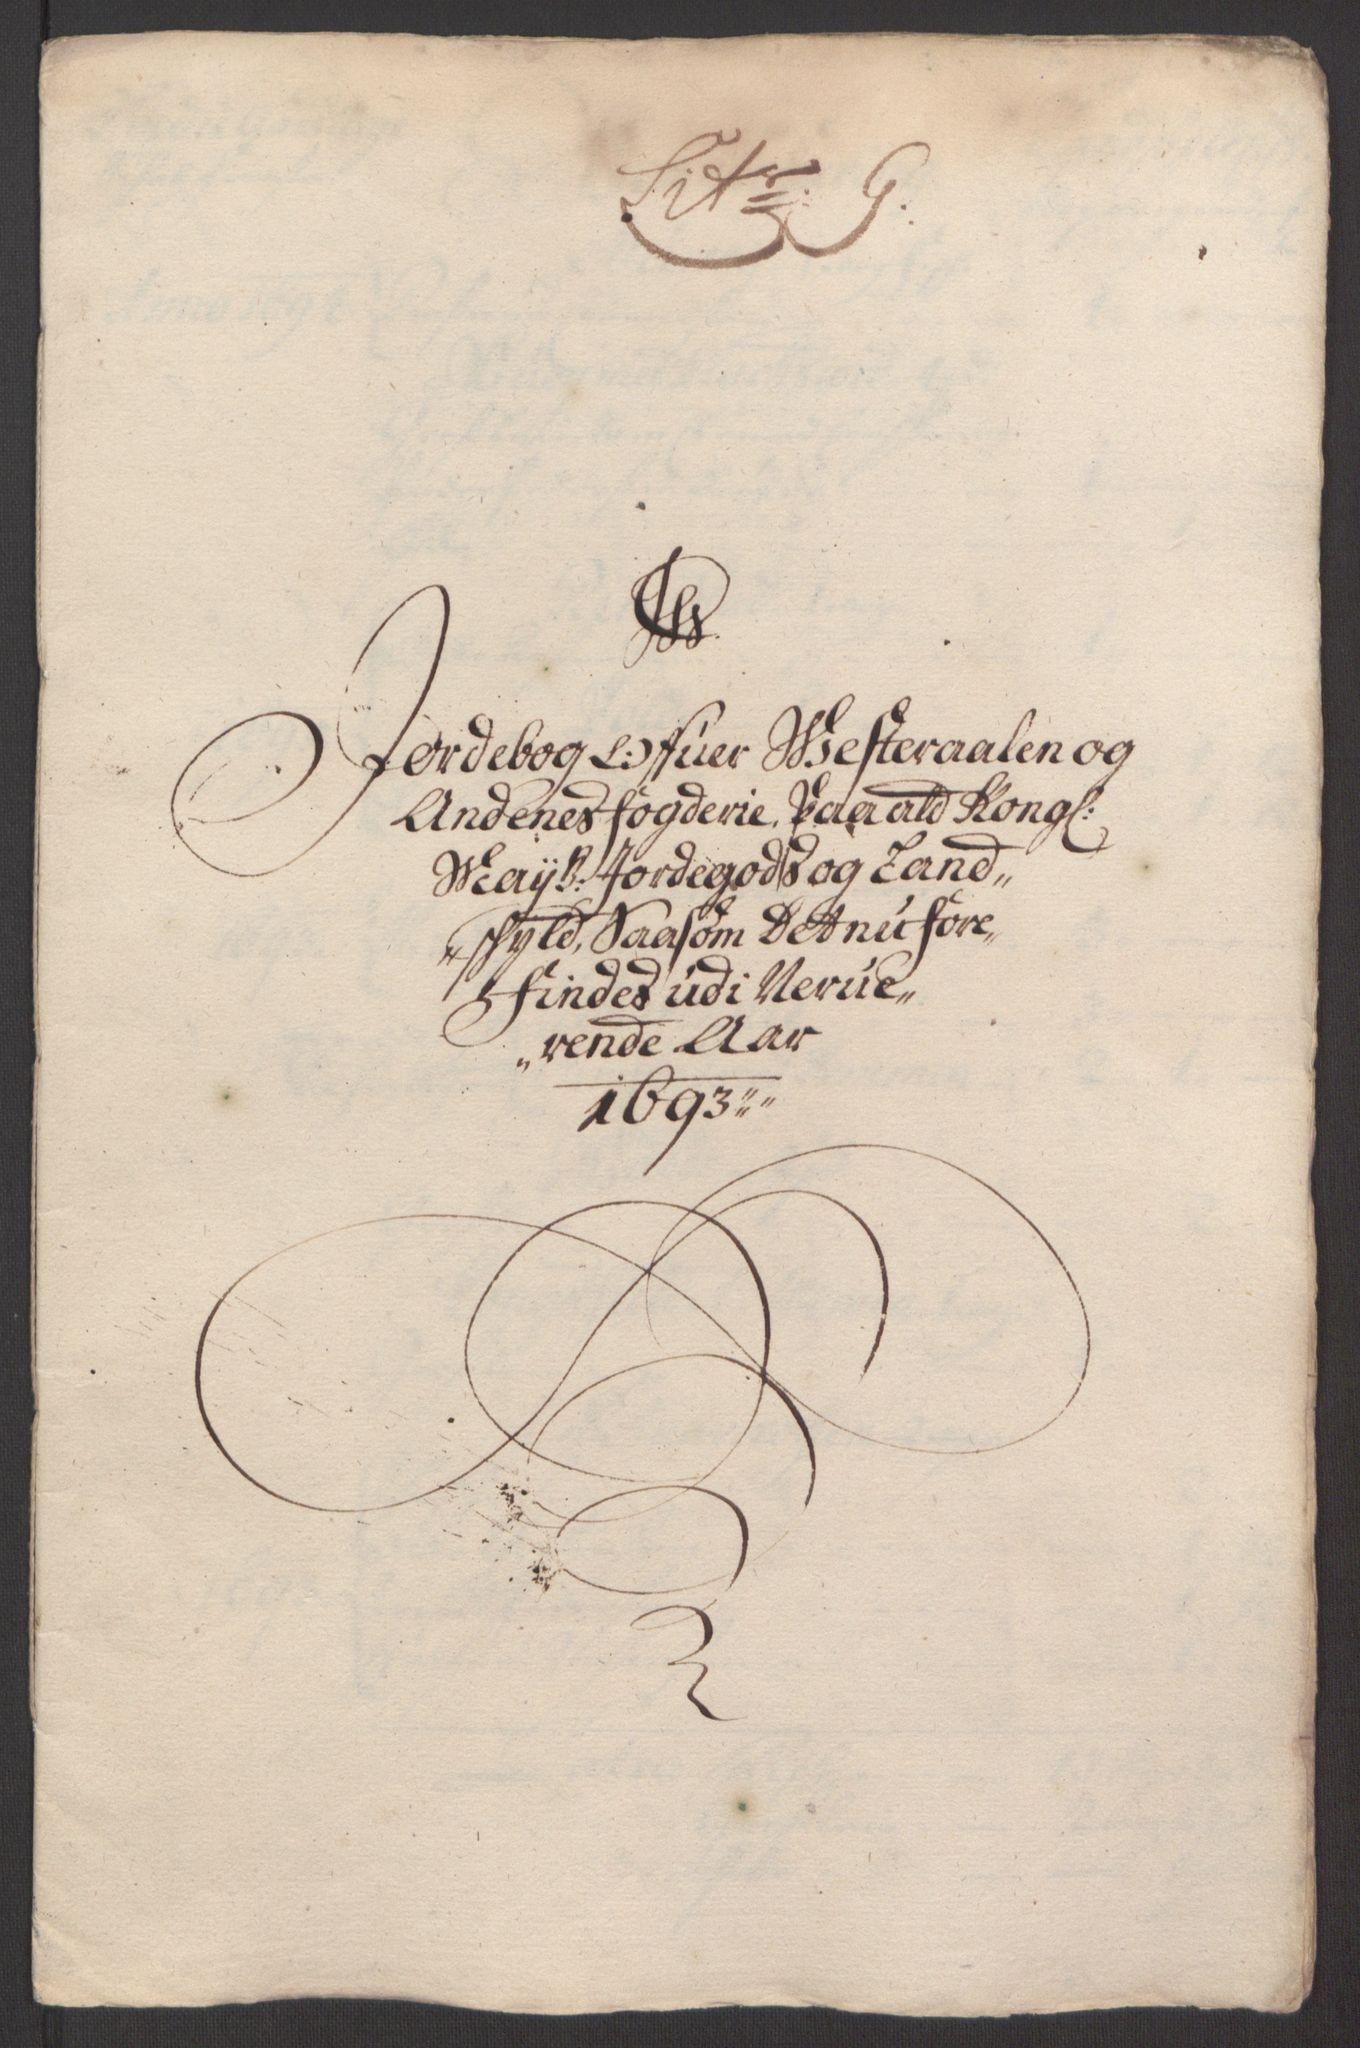 RA, Rentekammeret inntil 1814, Reviderte regnskaper, Fogderegnskap, R67/L4676: Fogderegnskap Vesterålen, Andenes og Lofoten, 1691-1693, s. 291